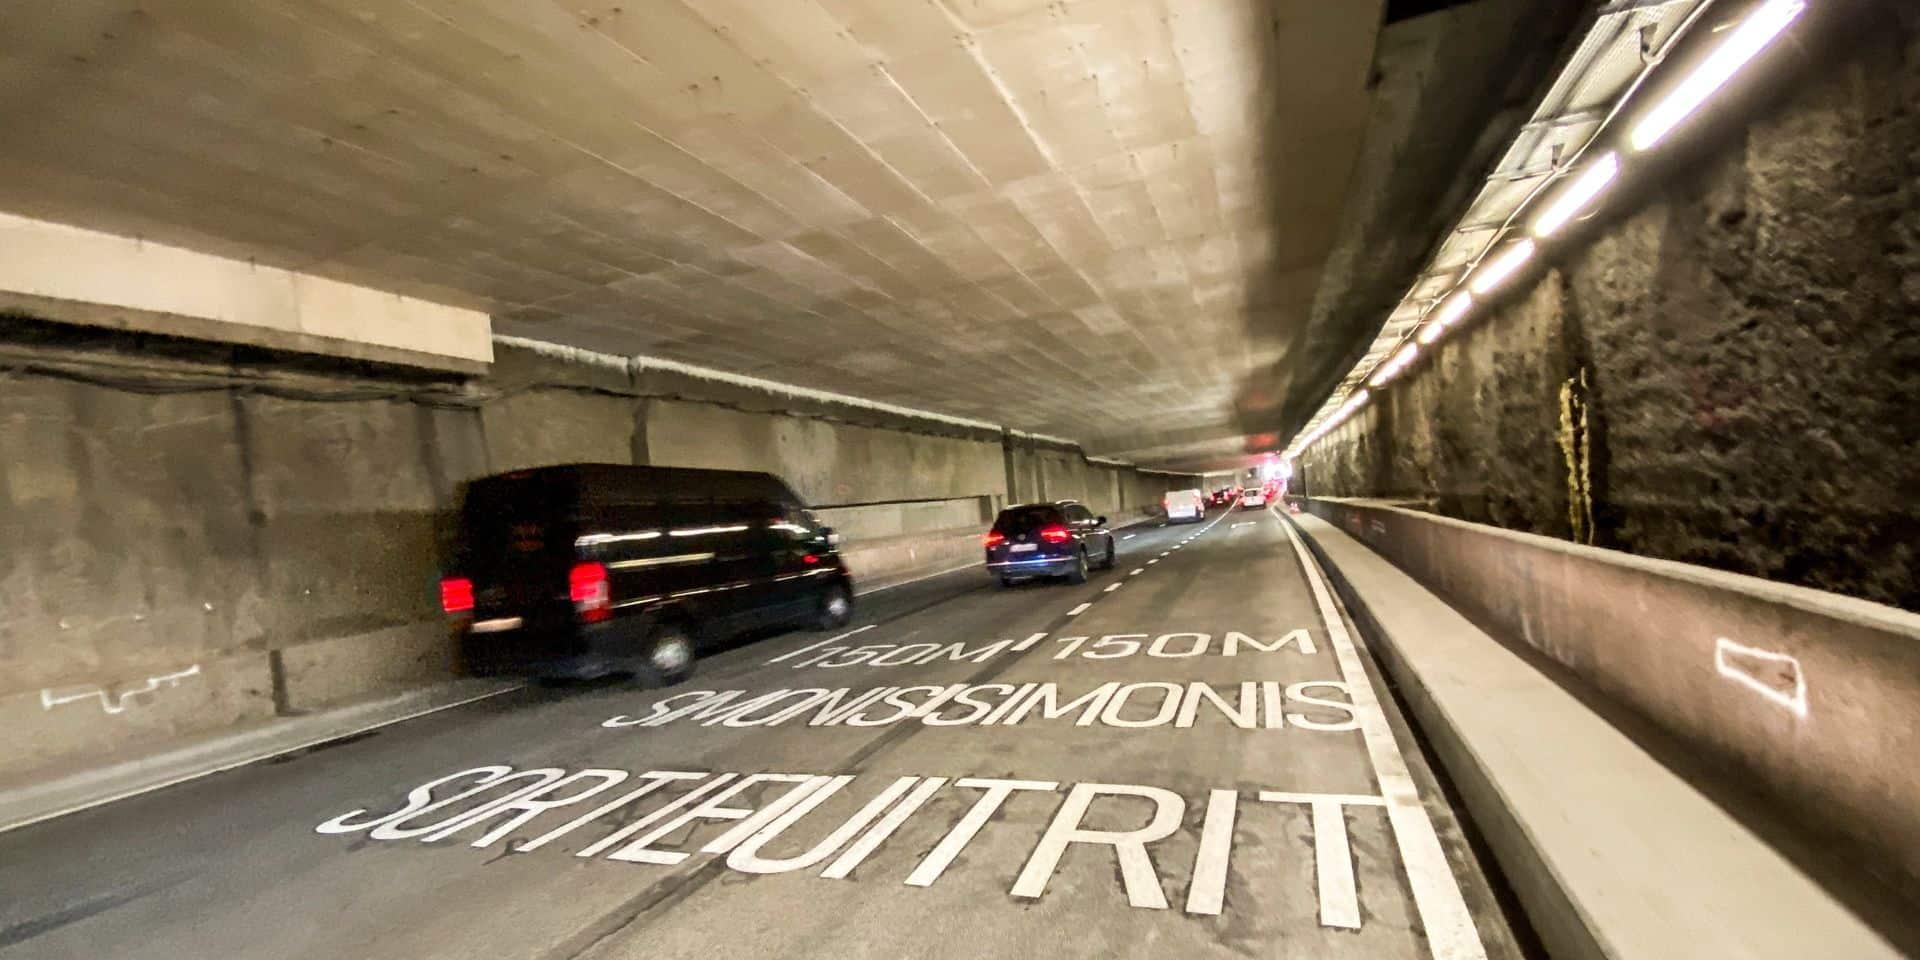 Le tunnel Léopold II partiellement fermé à cause du crash d'une chauffarde alcoolisée et sans permis